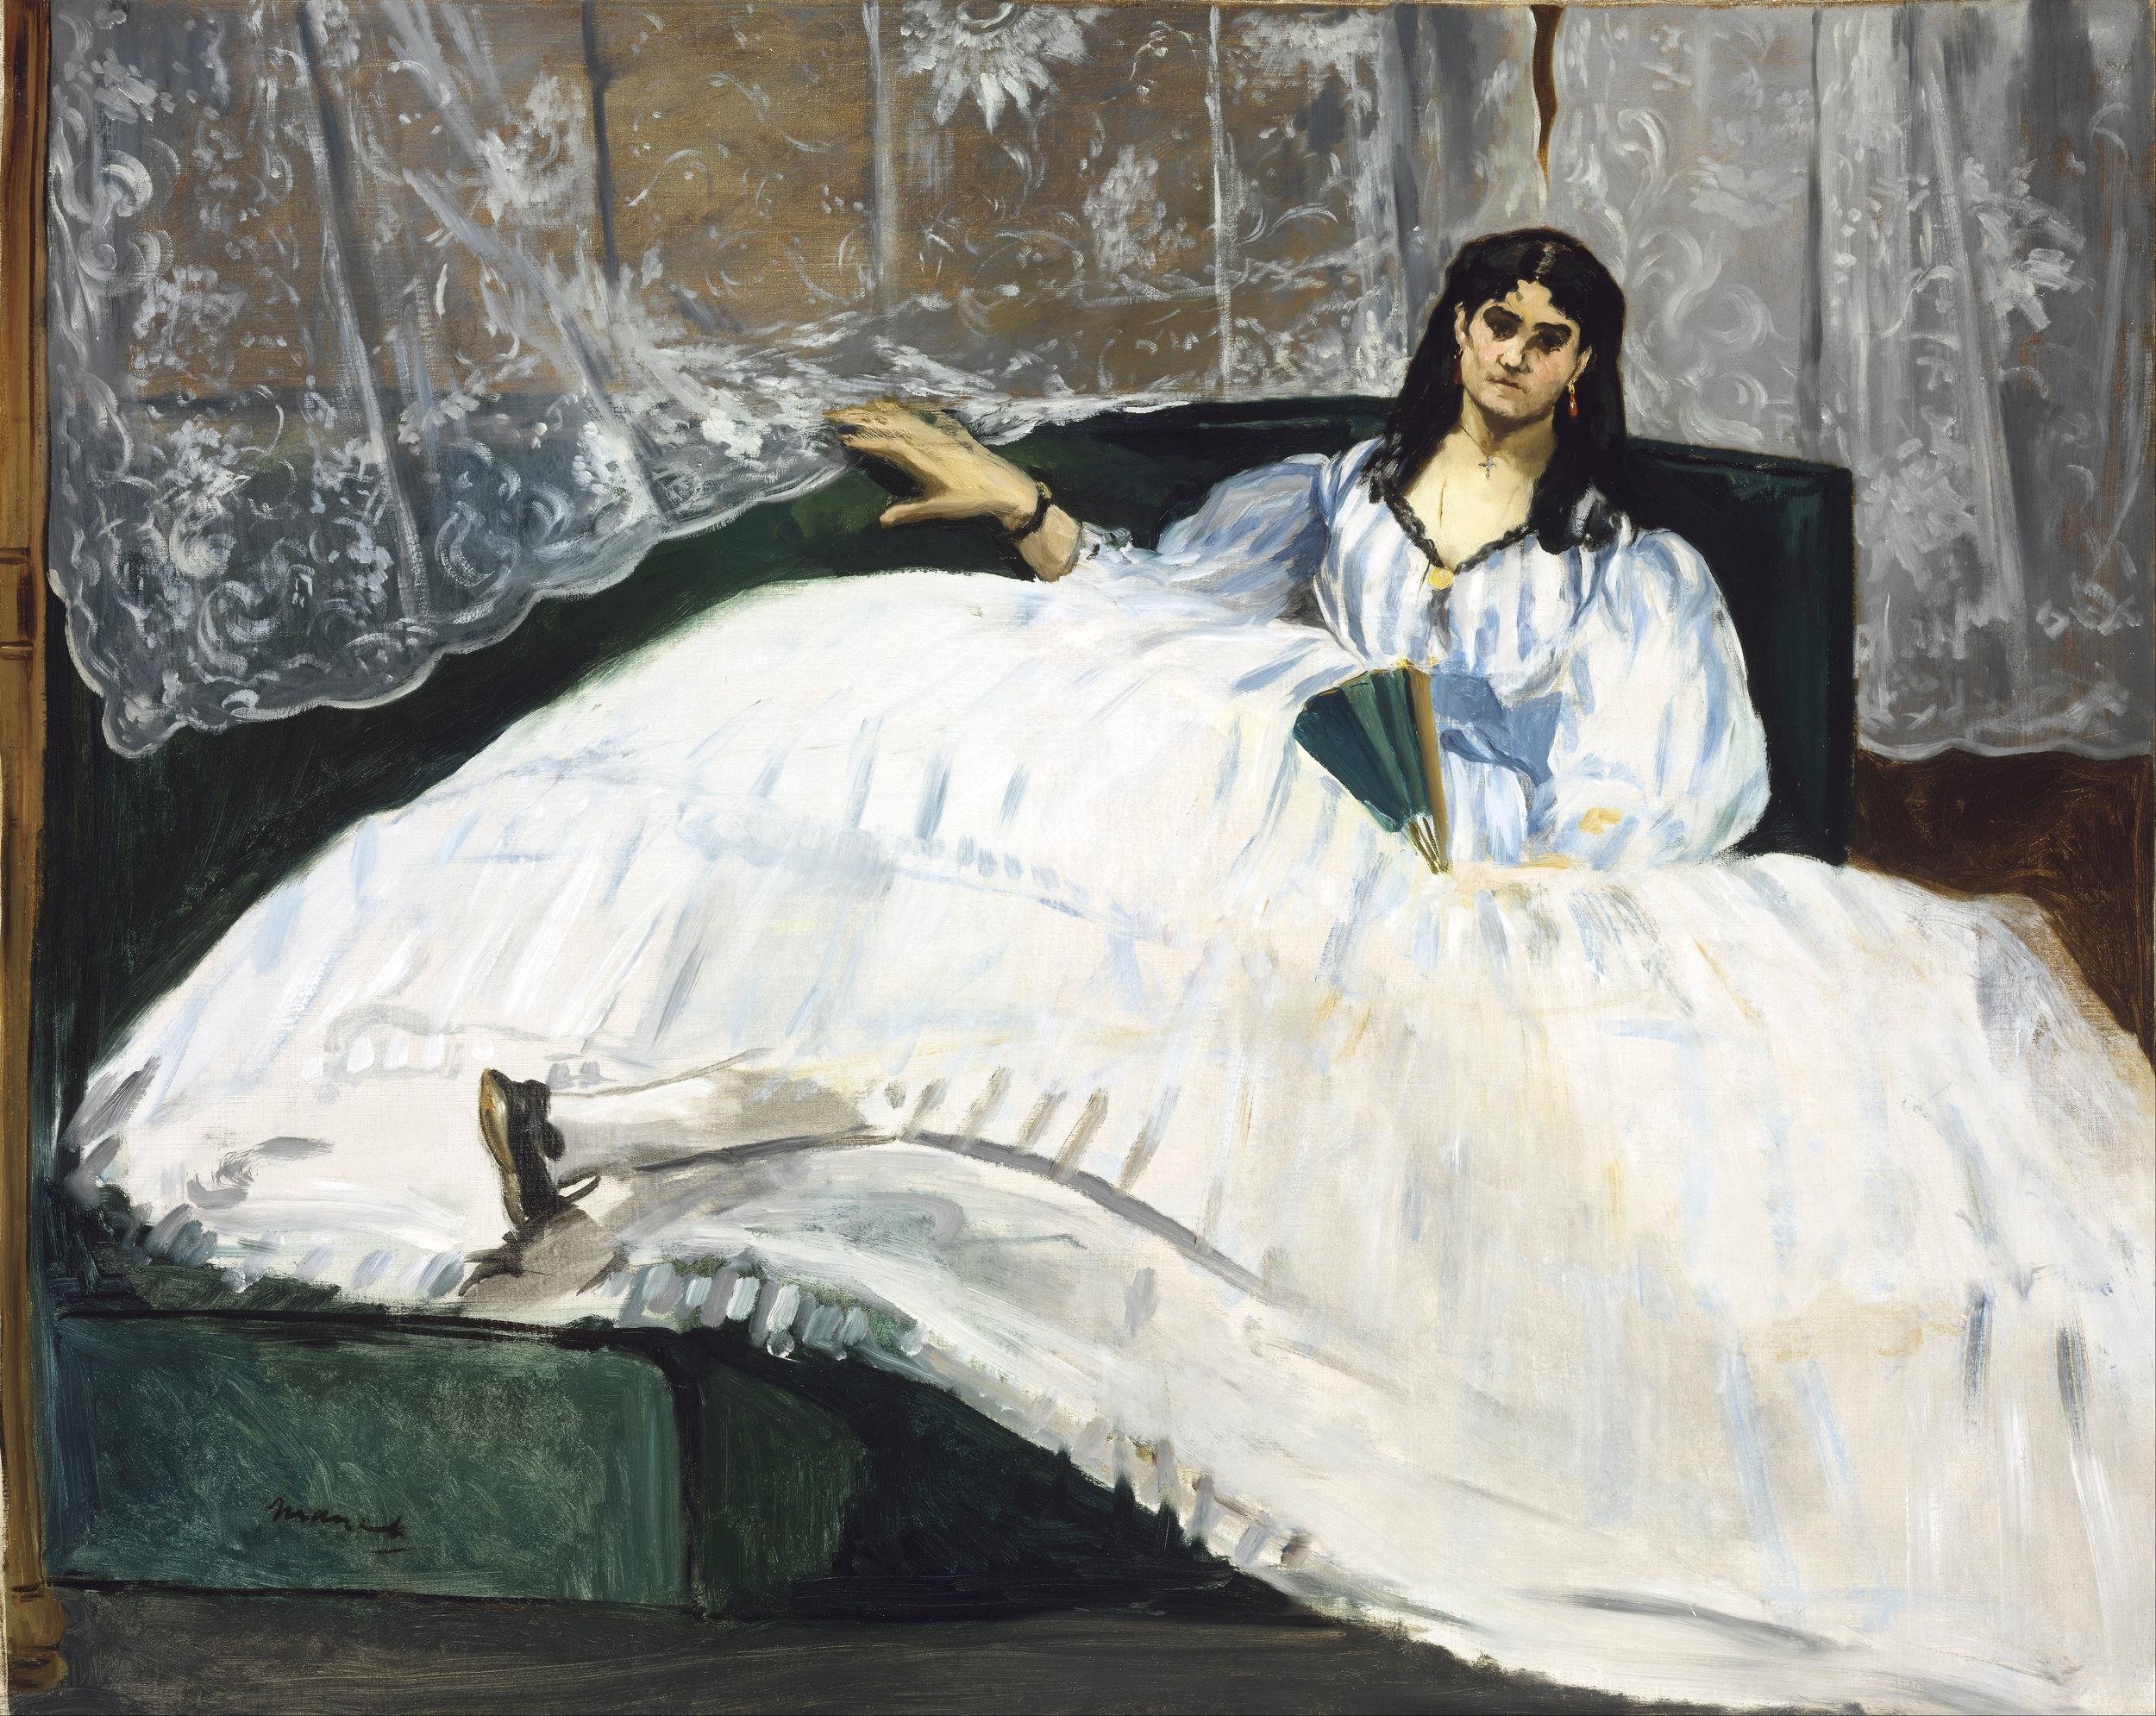 """Art Credit: EDOUARD MANET. """"JEANNE DUVAL, LA MAÎTRESSE DE BAUDELAIRE (LA DAME À L'ÉVENTAIL)"""" (1862). OIL ON CANVAS. 113 X 90 CM. COURTESY MUSEUM OF FINE ARTS, BUDAPEST."""